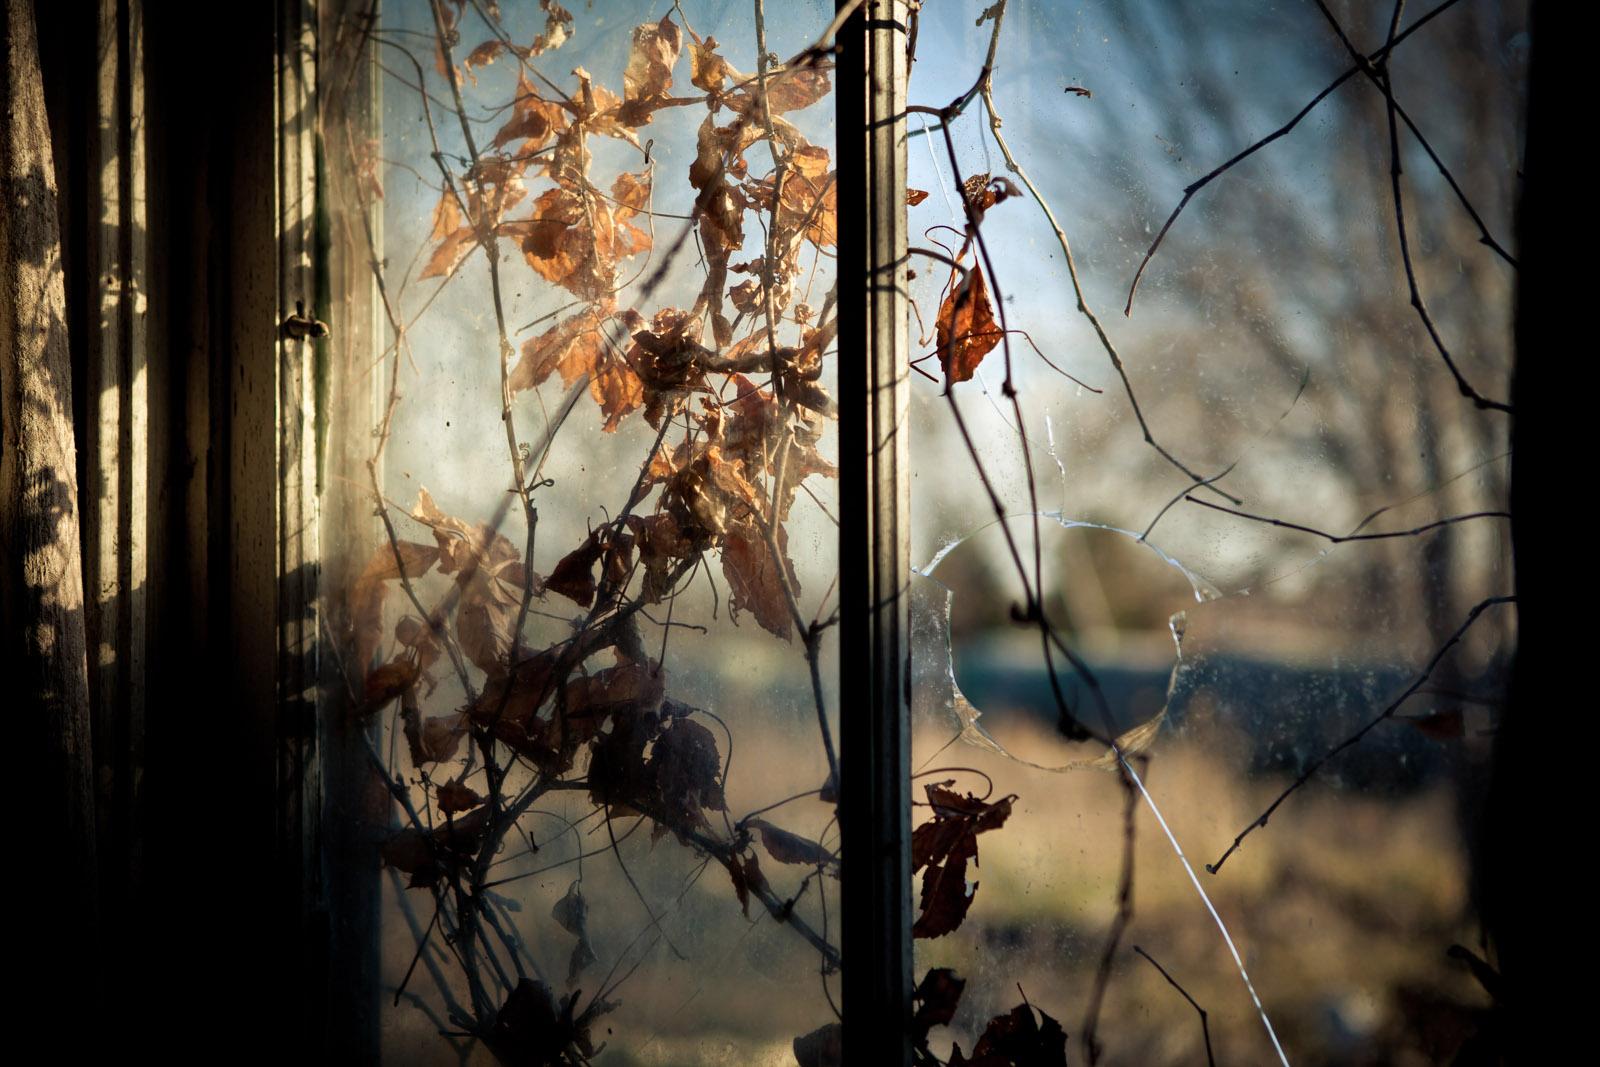 Mark_Nagel_Abandoned-37.jpg